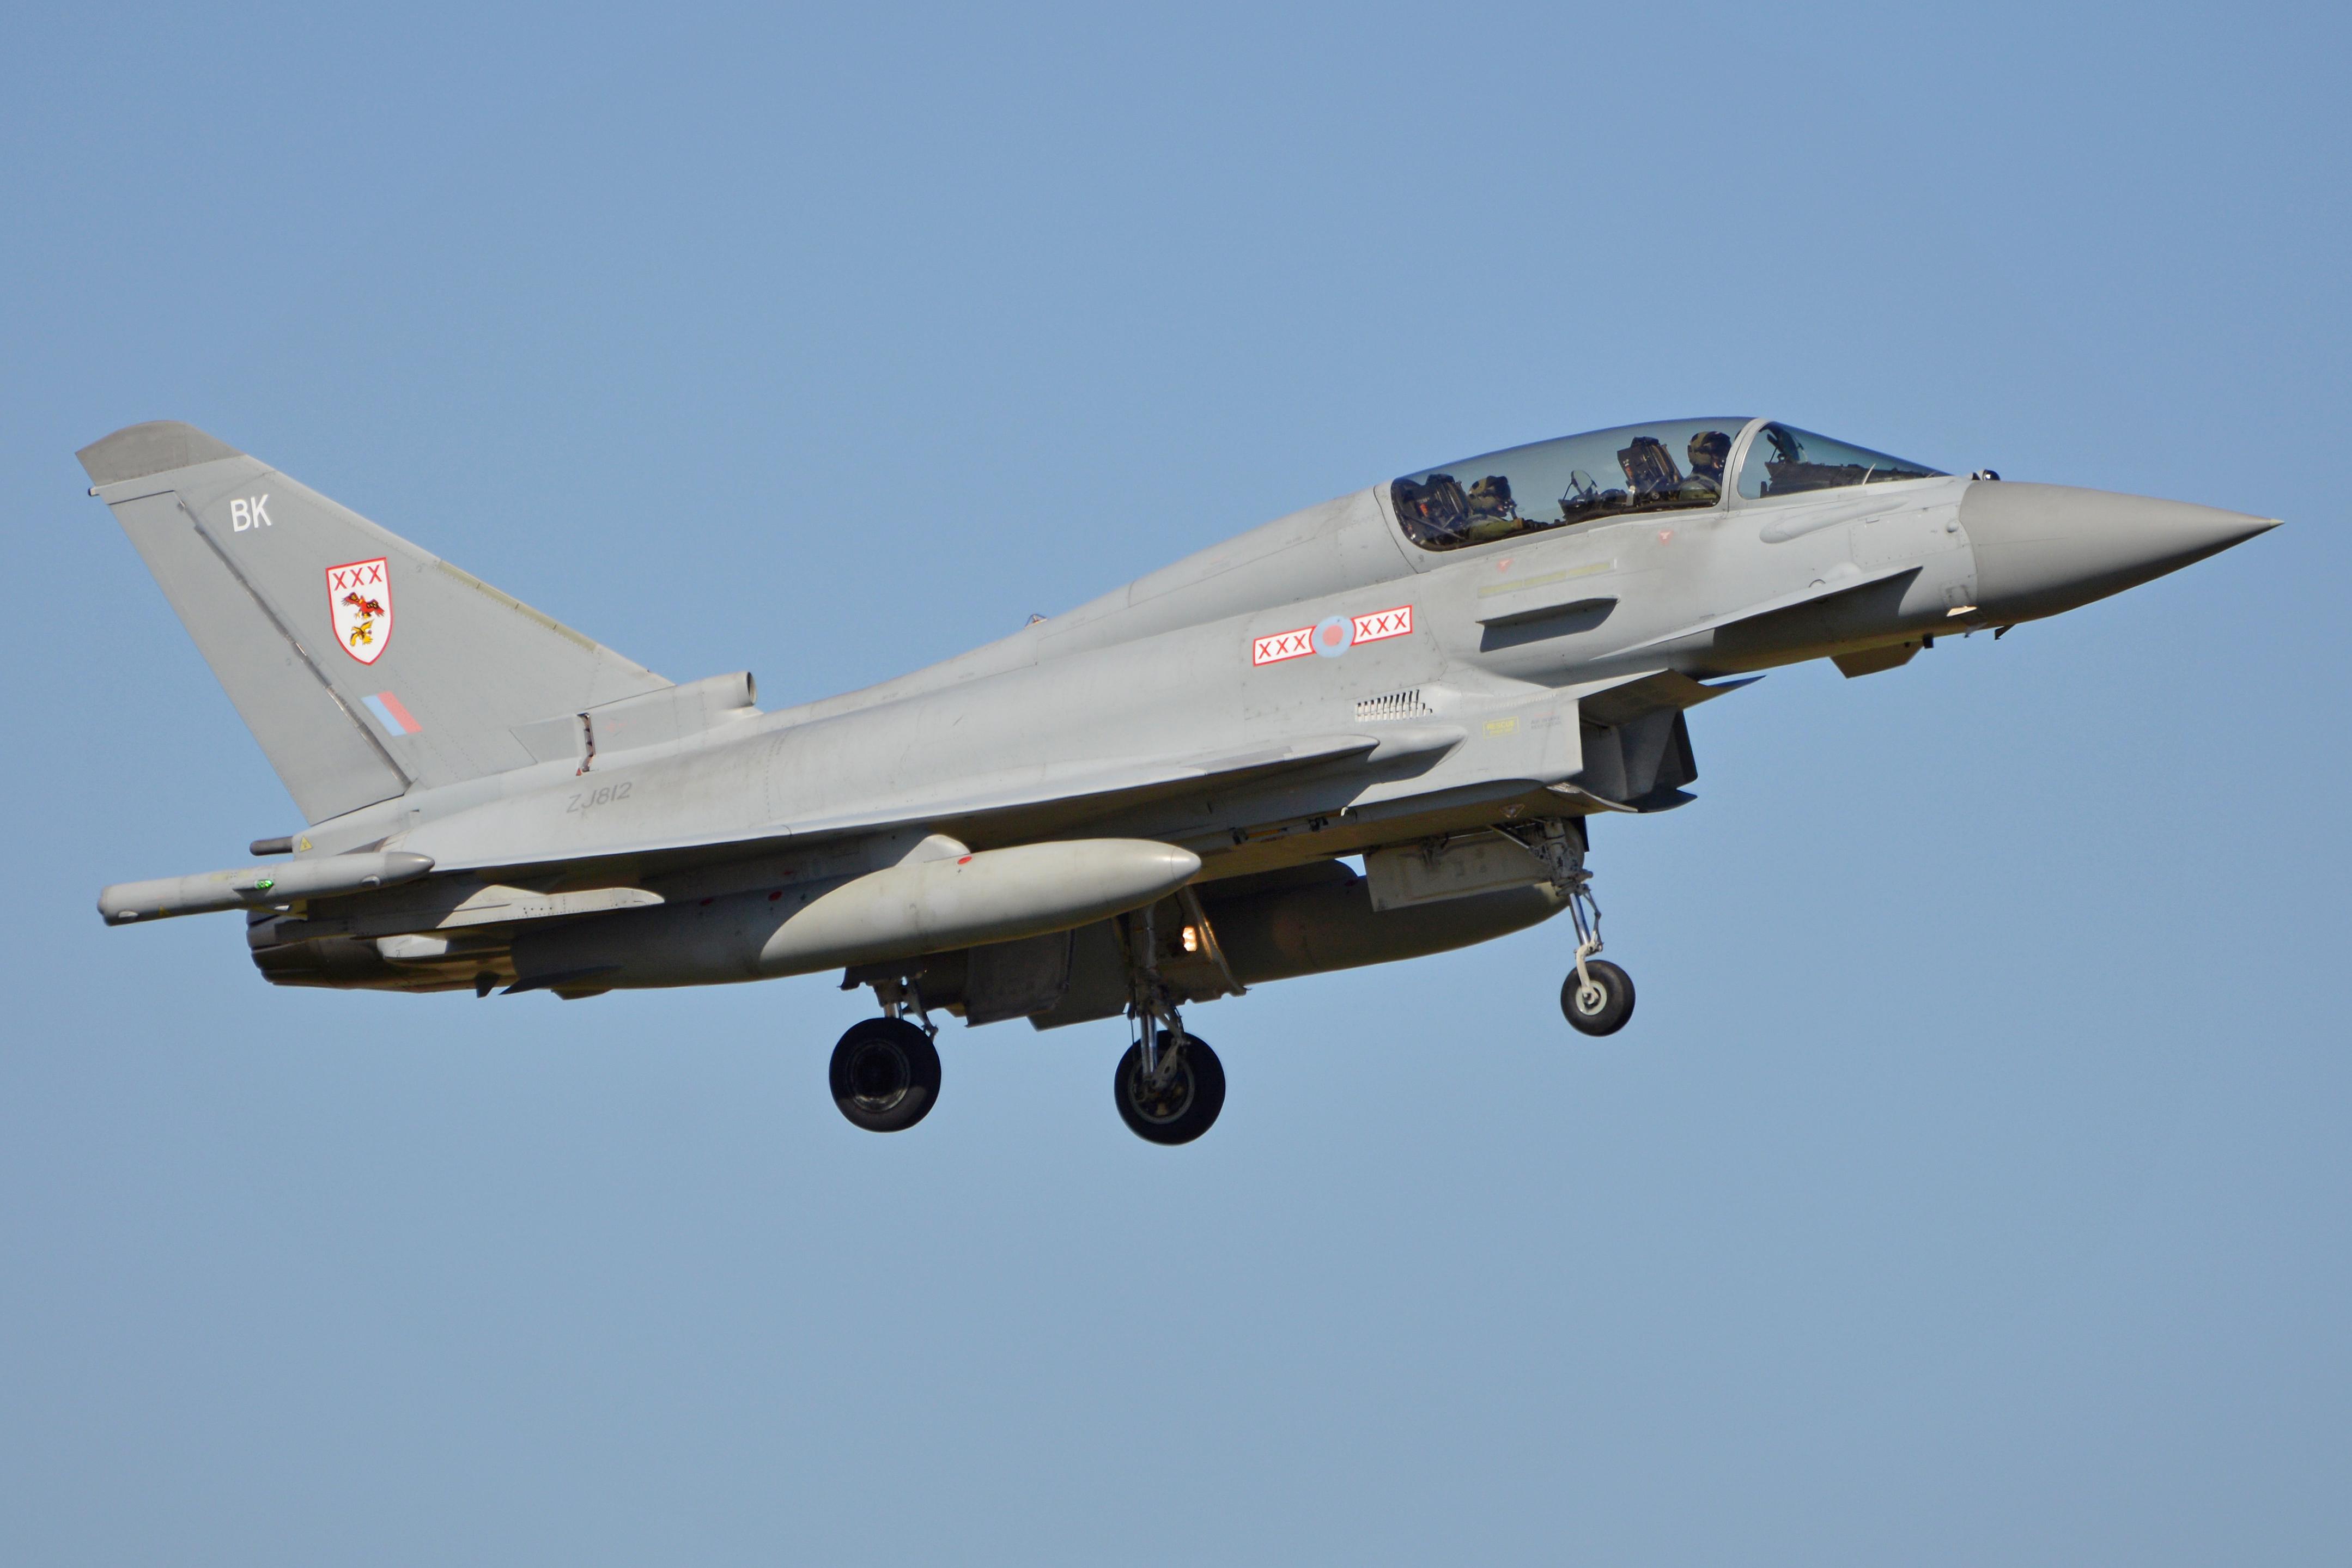 File:Eurofighter Typhoon T.3 'ZJ812 - BK' (30750434796).jpg - Wikimedia Commons